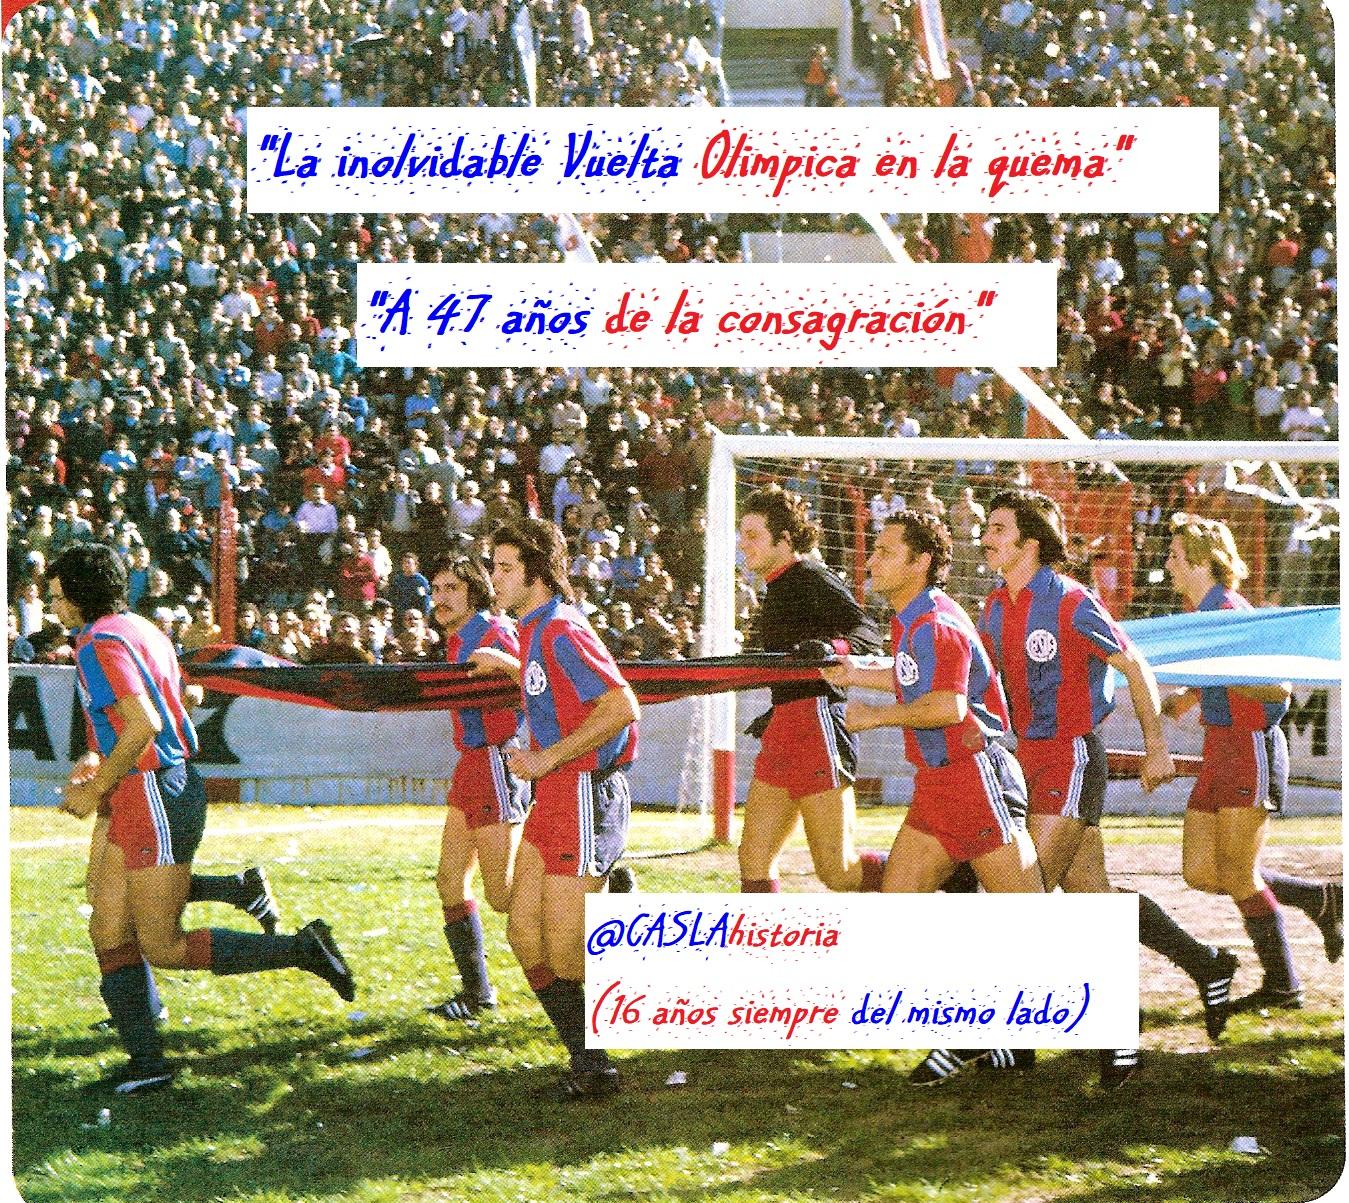 Programa N° 992. «A 47 años de la consagracion en 1972, Vanzini, Ascenso 1980 y Blaisten»